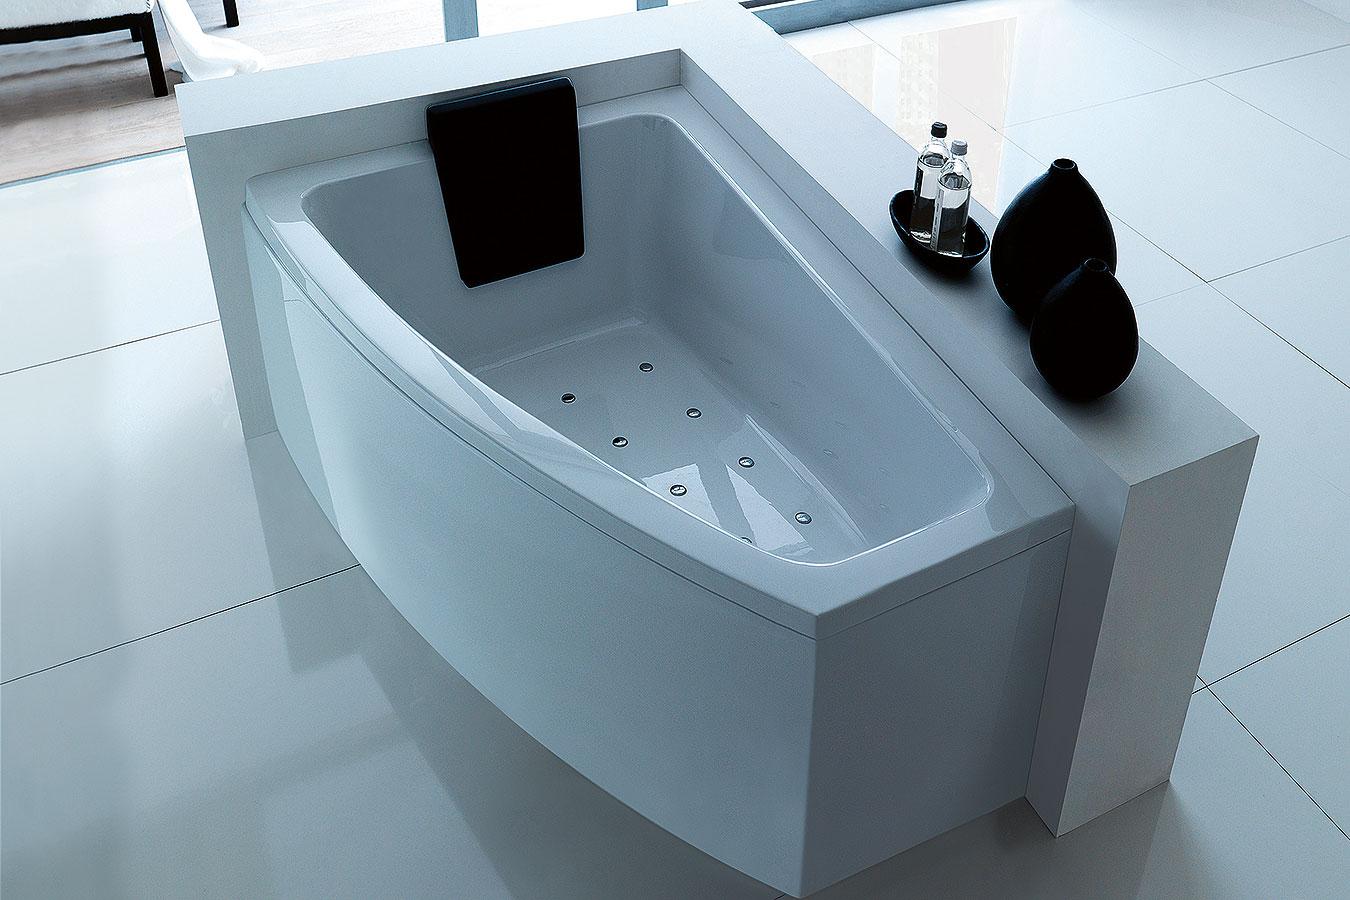 Treesse vasche vasche da bagno edilceramiche di maccan - Vasche da bagno asimmetriche 160x70 ...